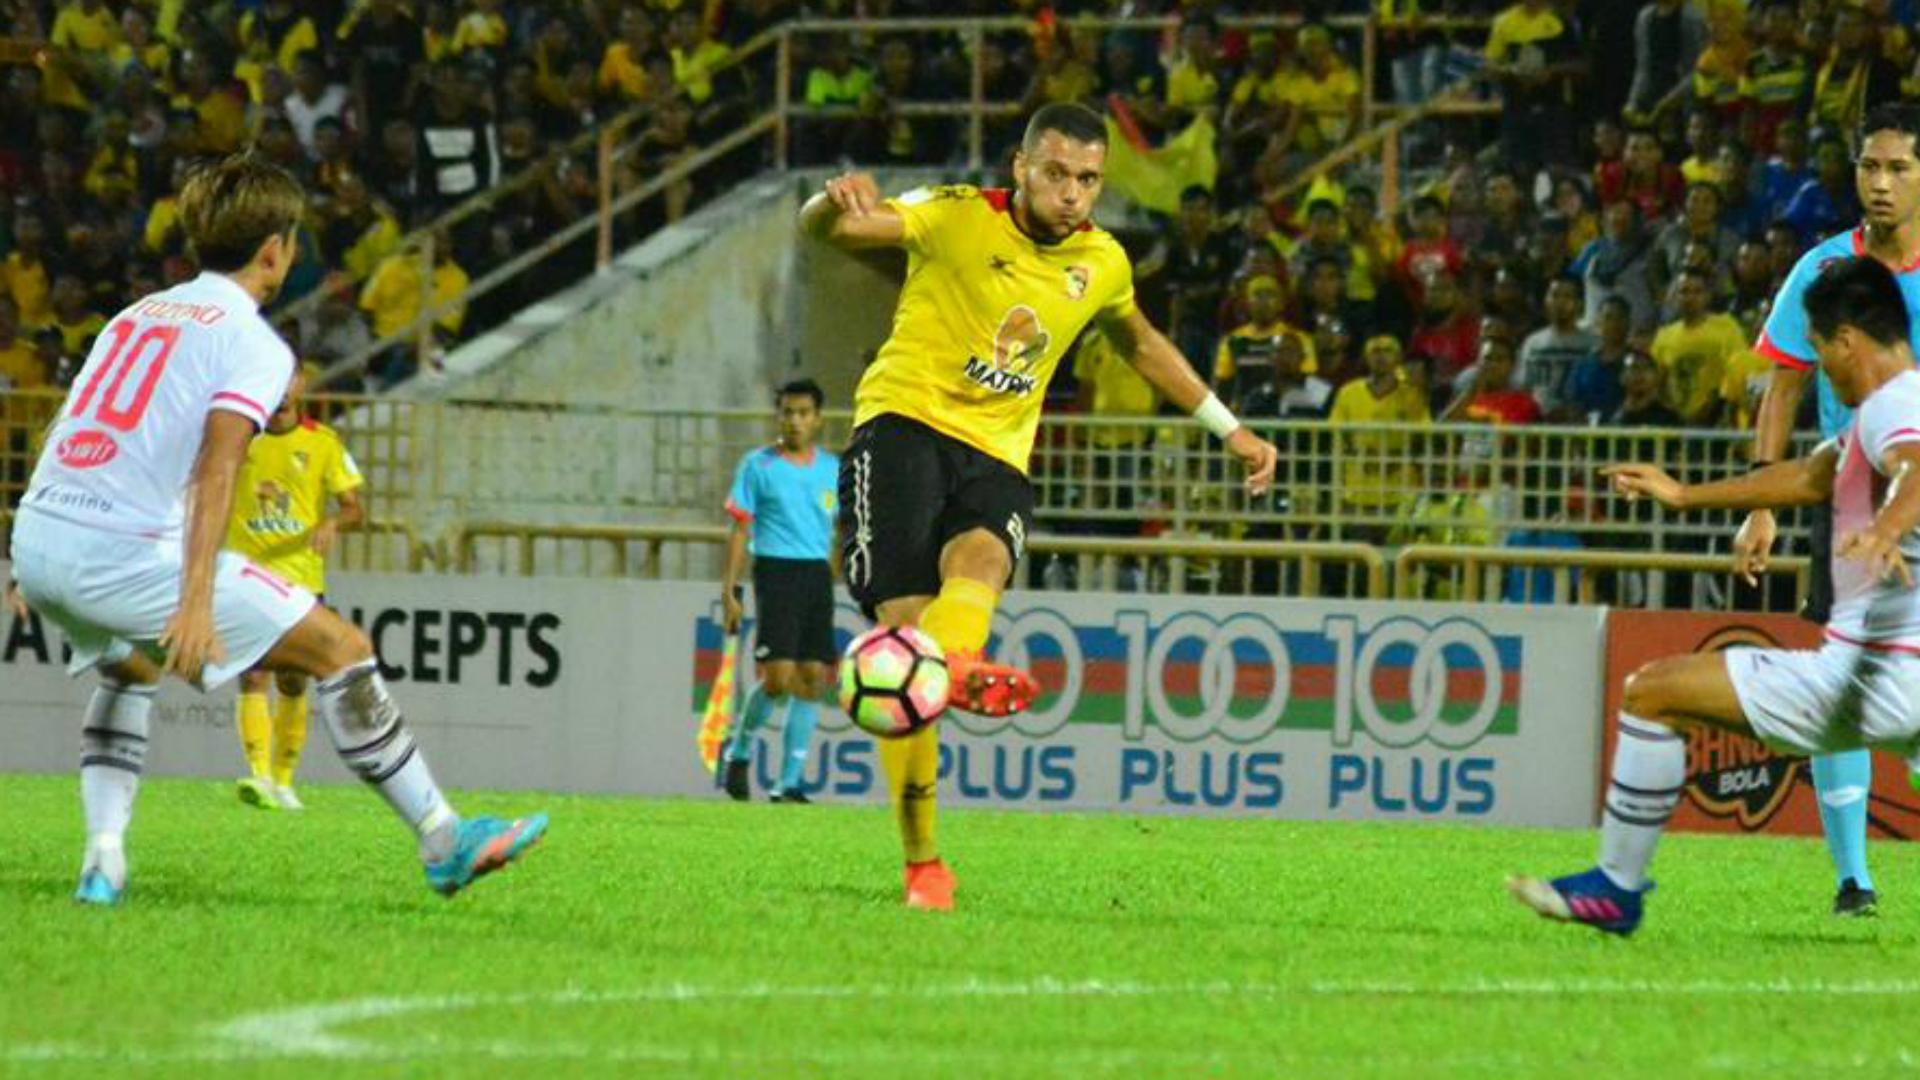 Nemaja Vidic, Negeri Sembilan, FA Cup, 21/04/2017